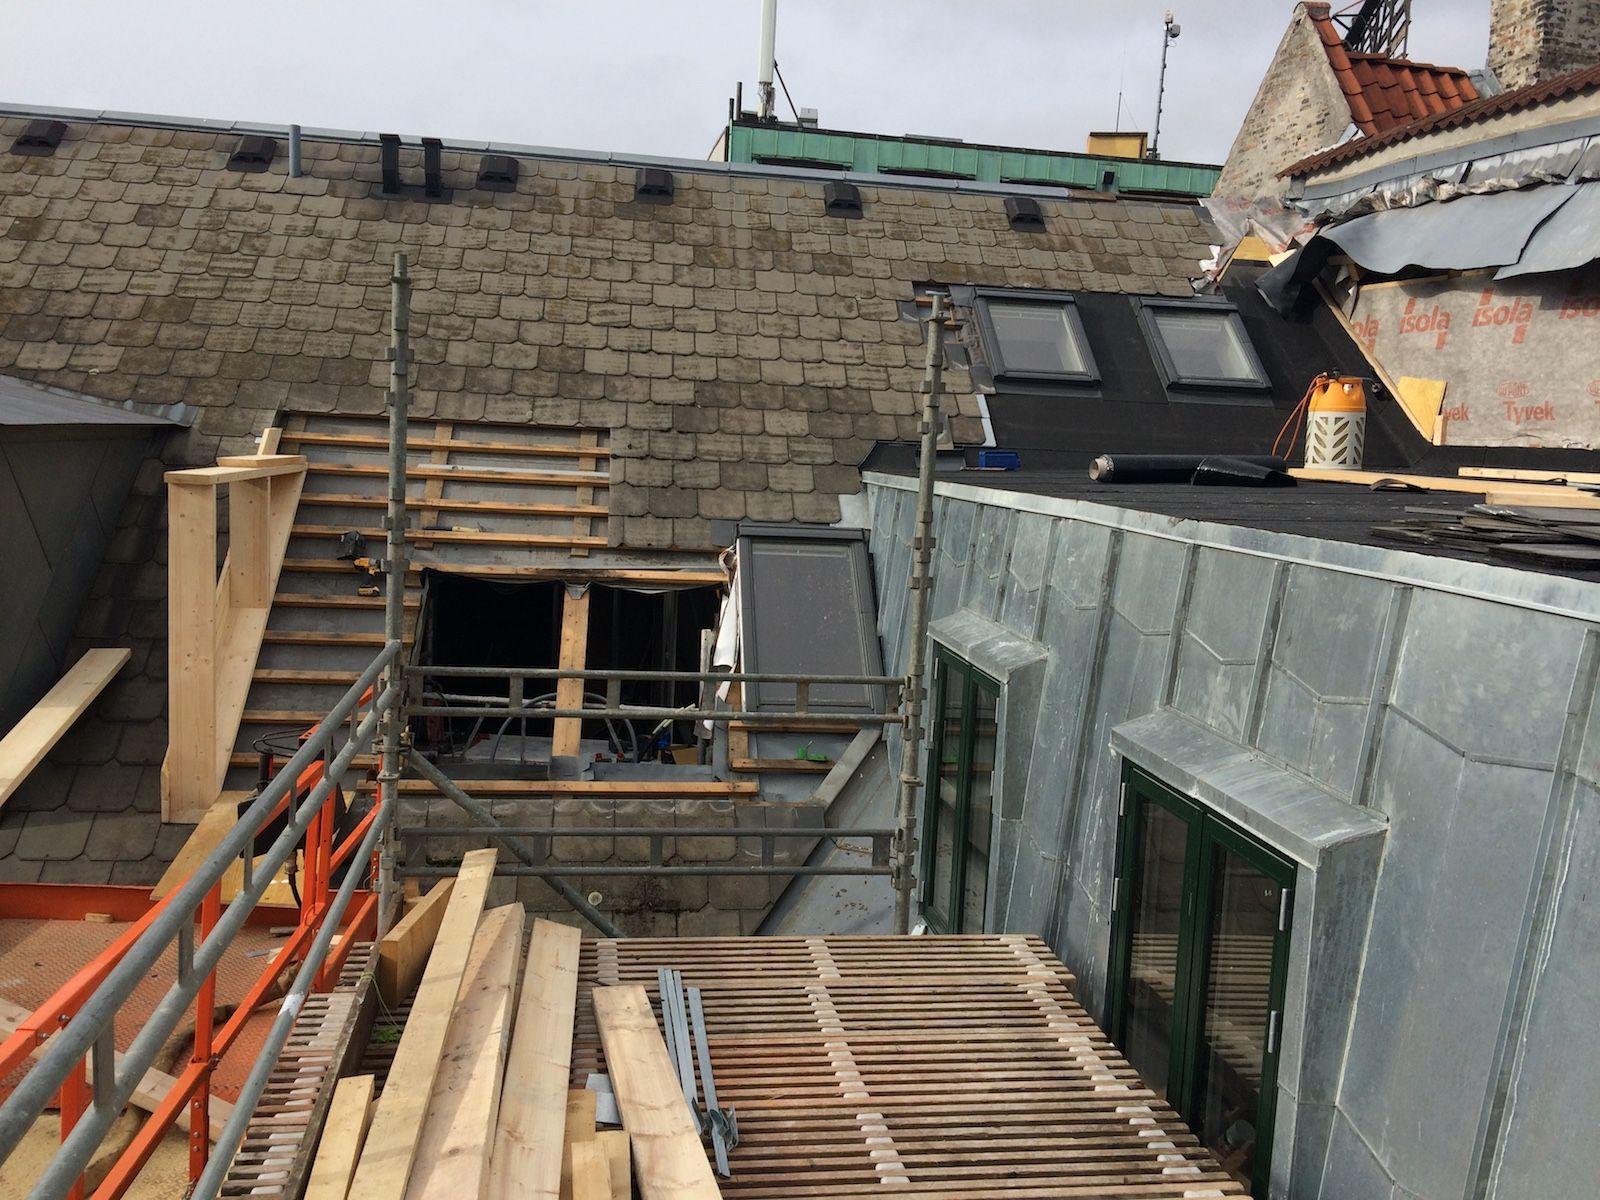 Tagprojekt København